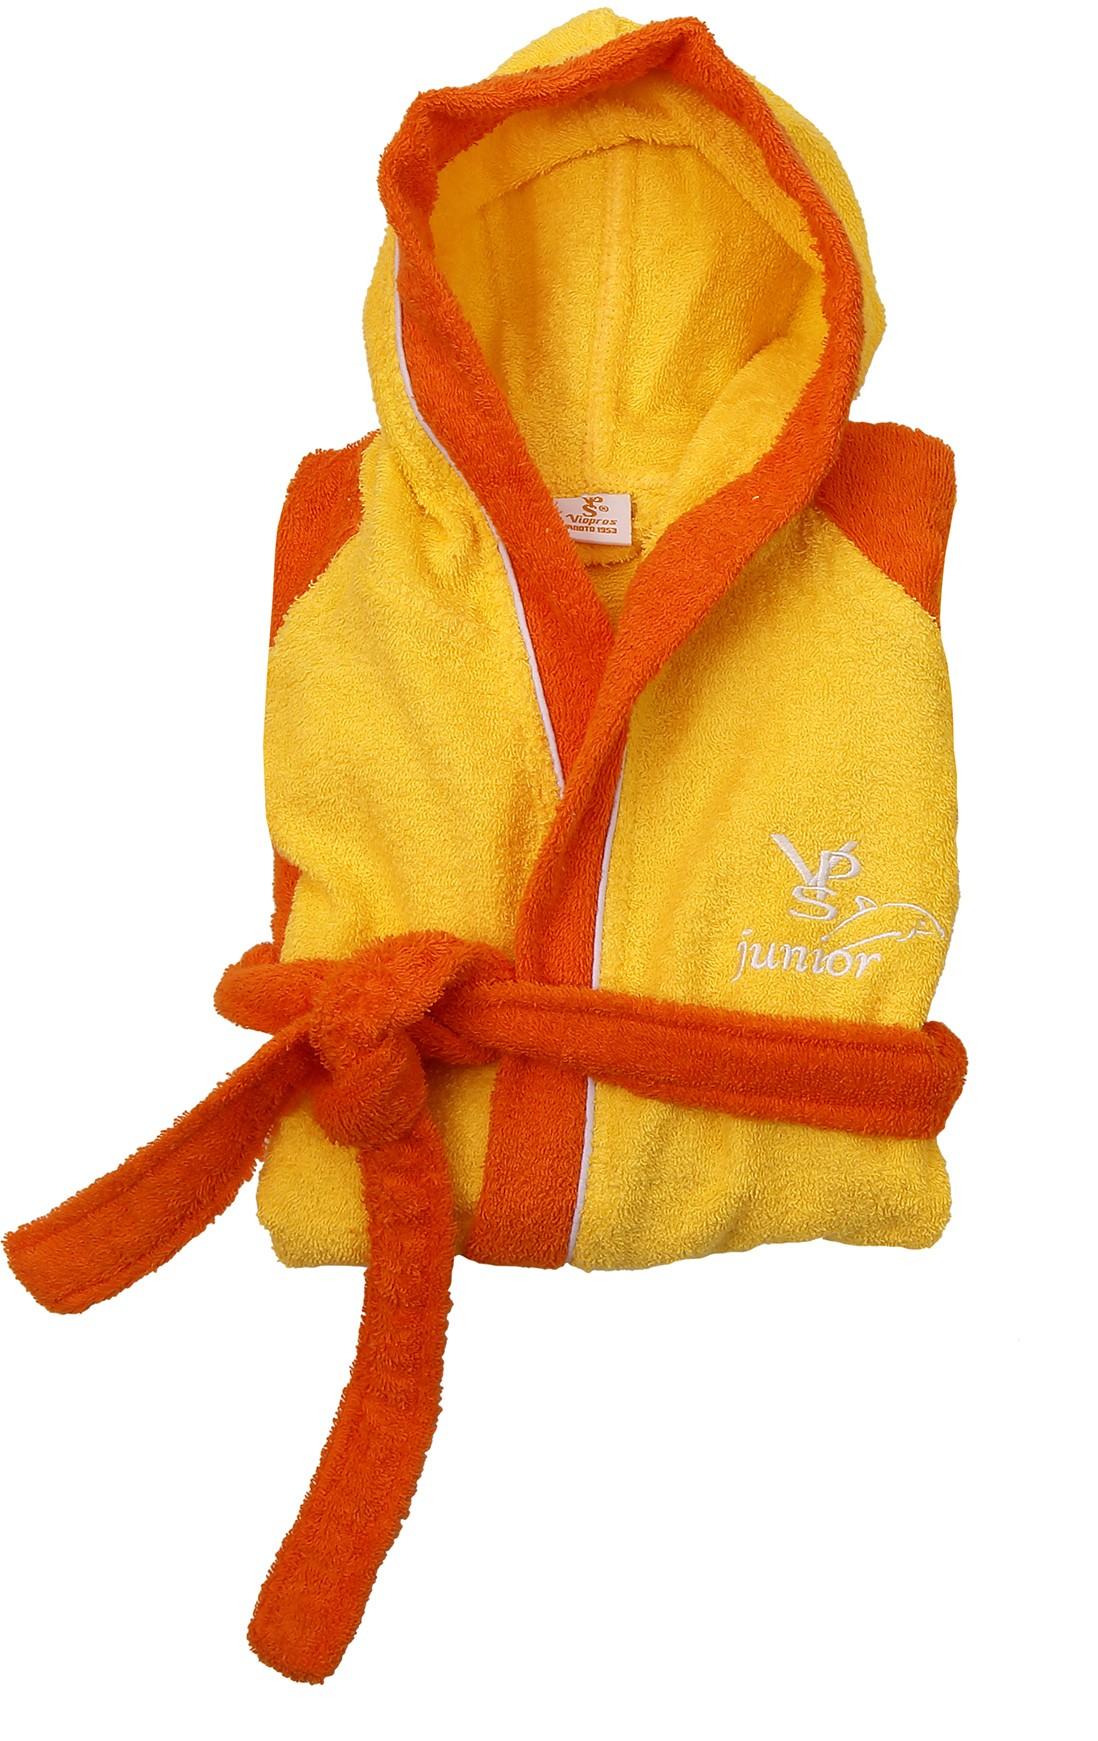 Παιδικό Μπουρνούζι Viopros Σπορτ Κίτρινο-Πορτοκαλί 11-13 11-13